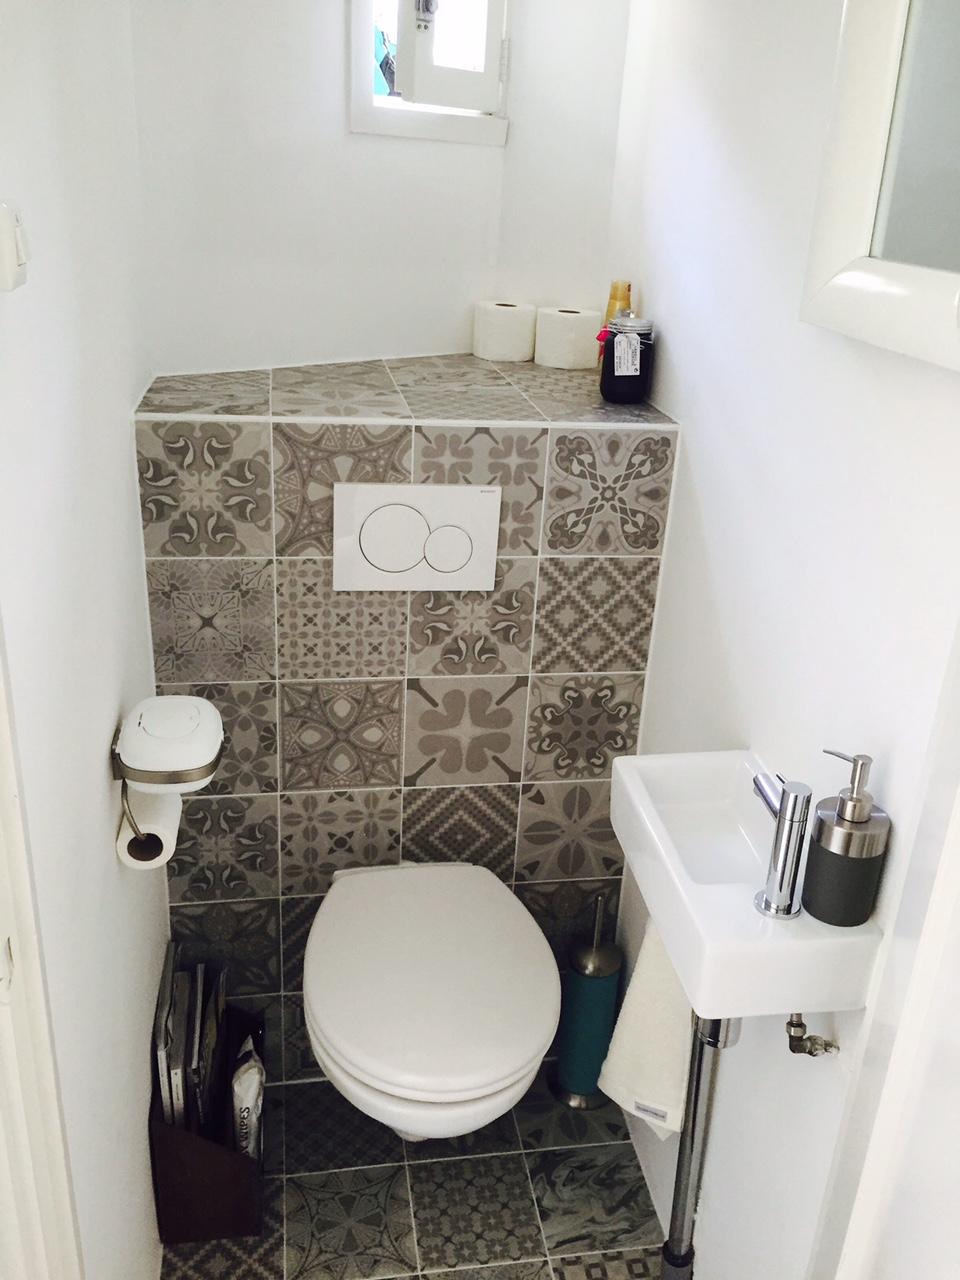 Patroontegels in toilet - Patchwork